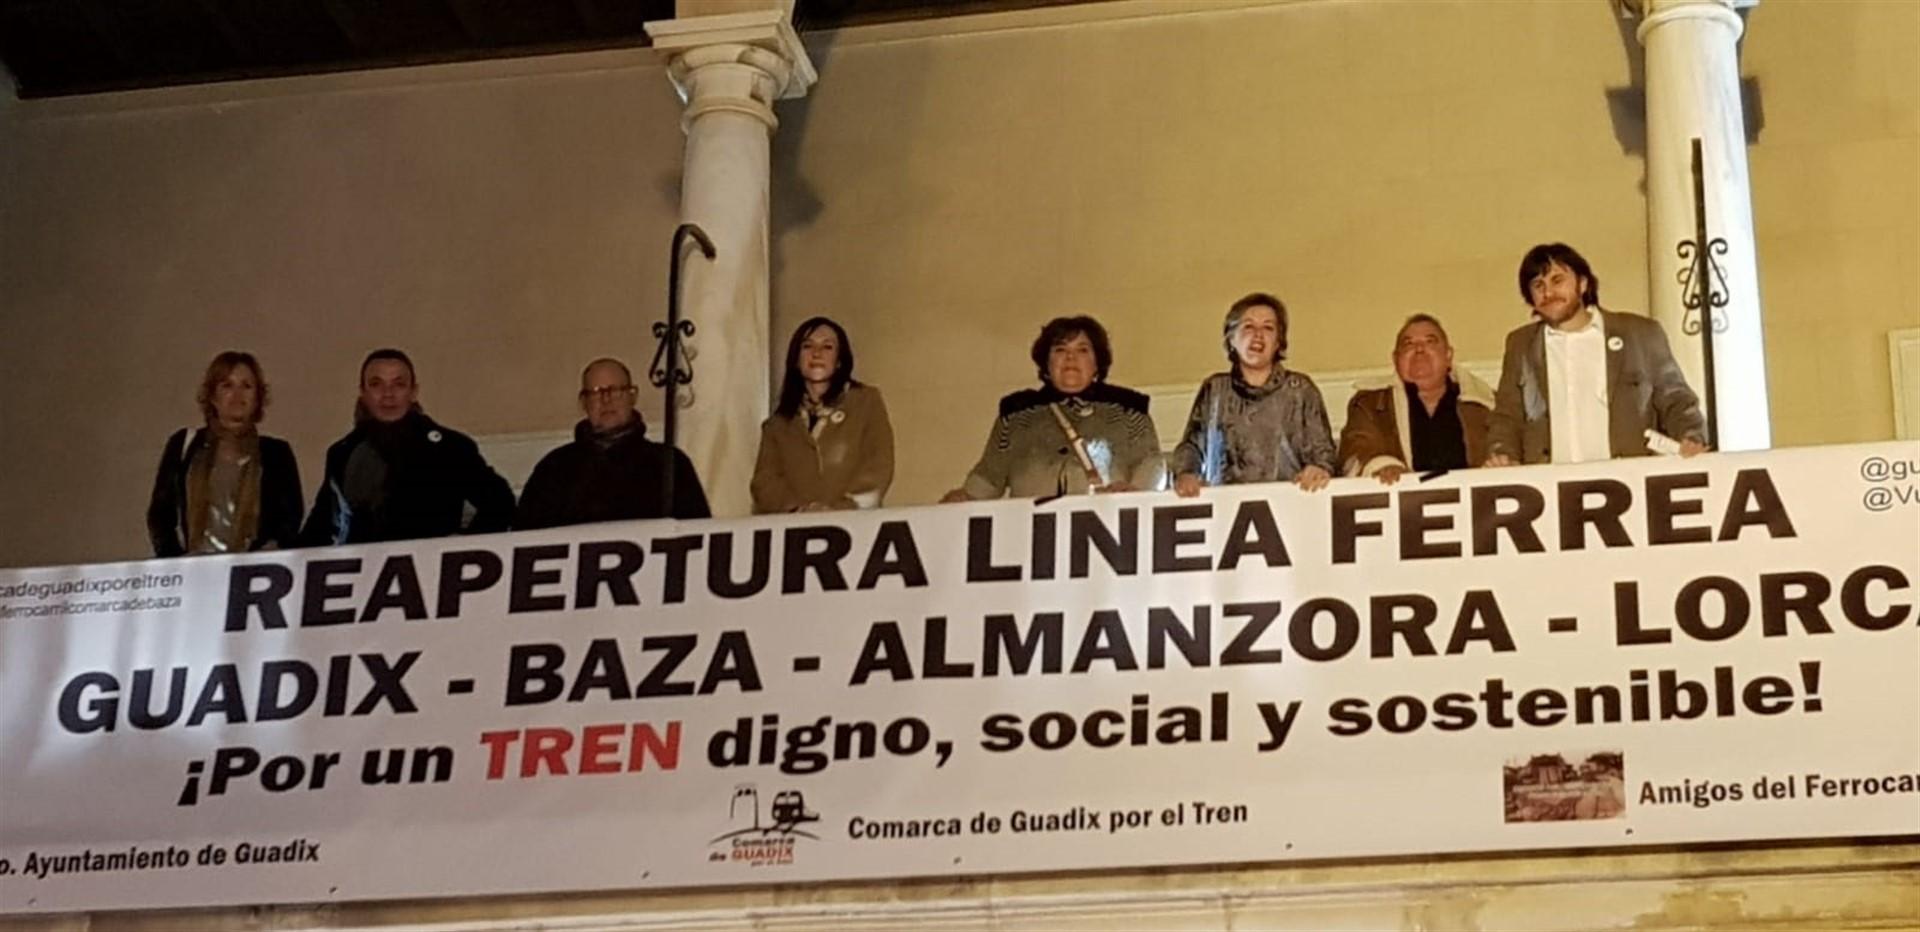 Colectivos ferroviarios de la España Vaciada reclaman el Estudio del tren Guadix Baza Almanzora Lorca